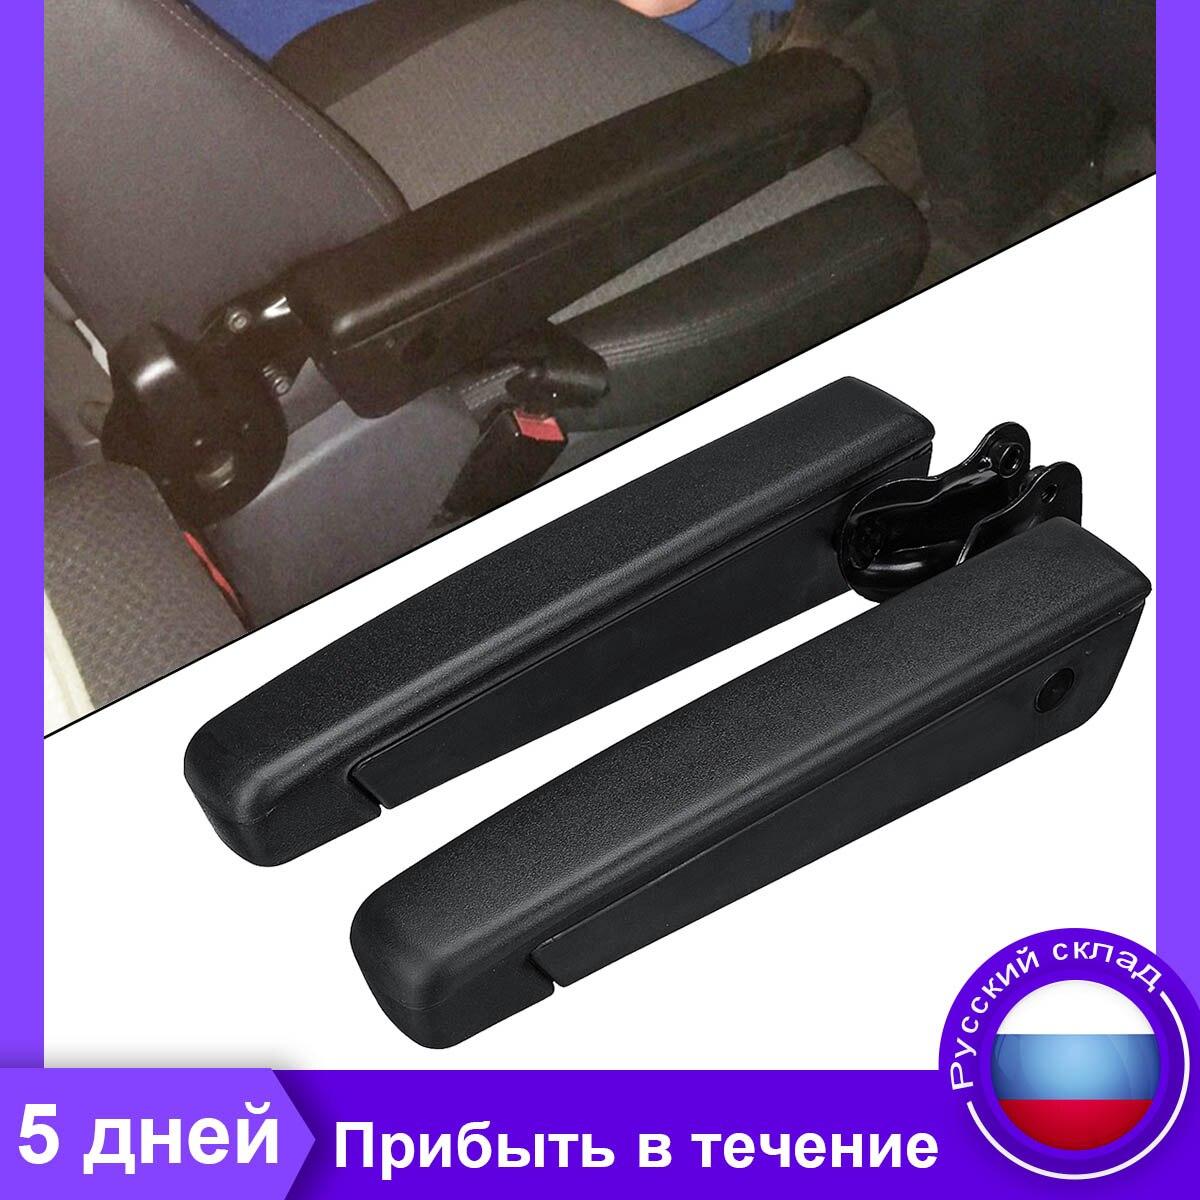 Universal esquerda/mão direita ajustável assento de carro rv braço para camper van motorhome barco caminhão acessórios do carro